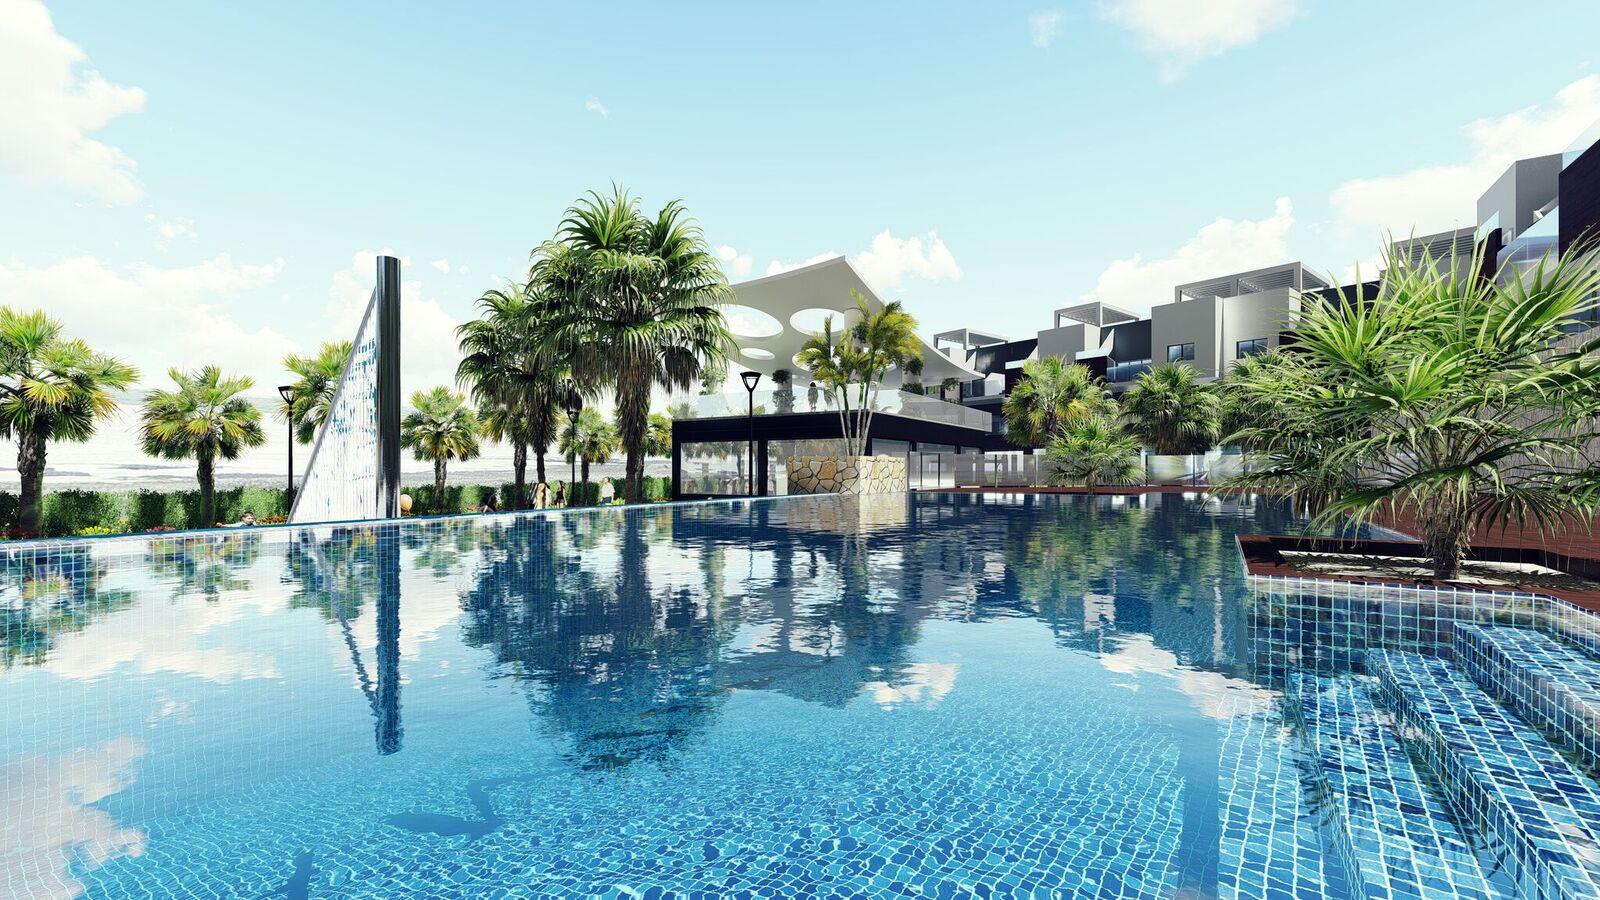 Goede belegging: Appartementen met verhuurkantoor in Guardamar